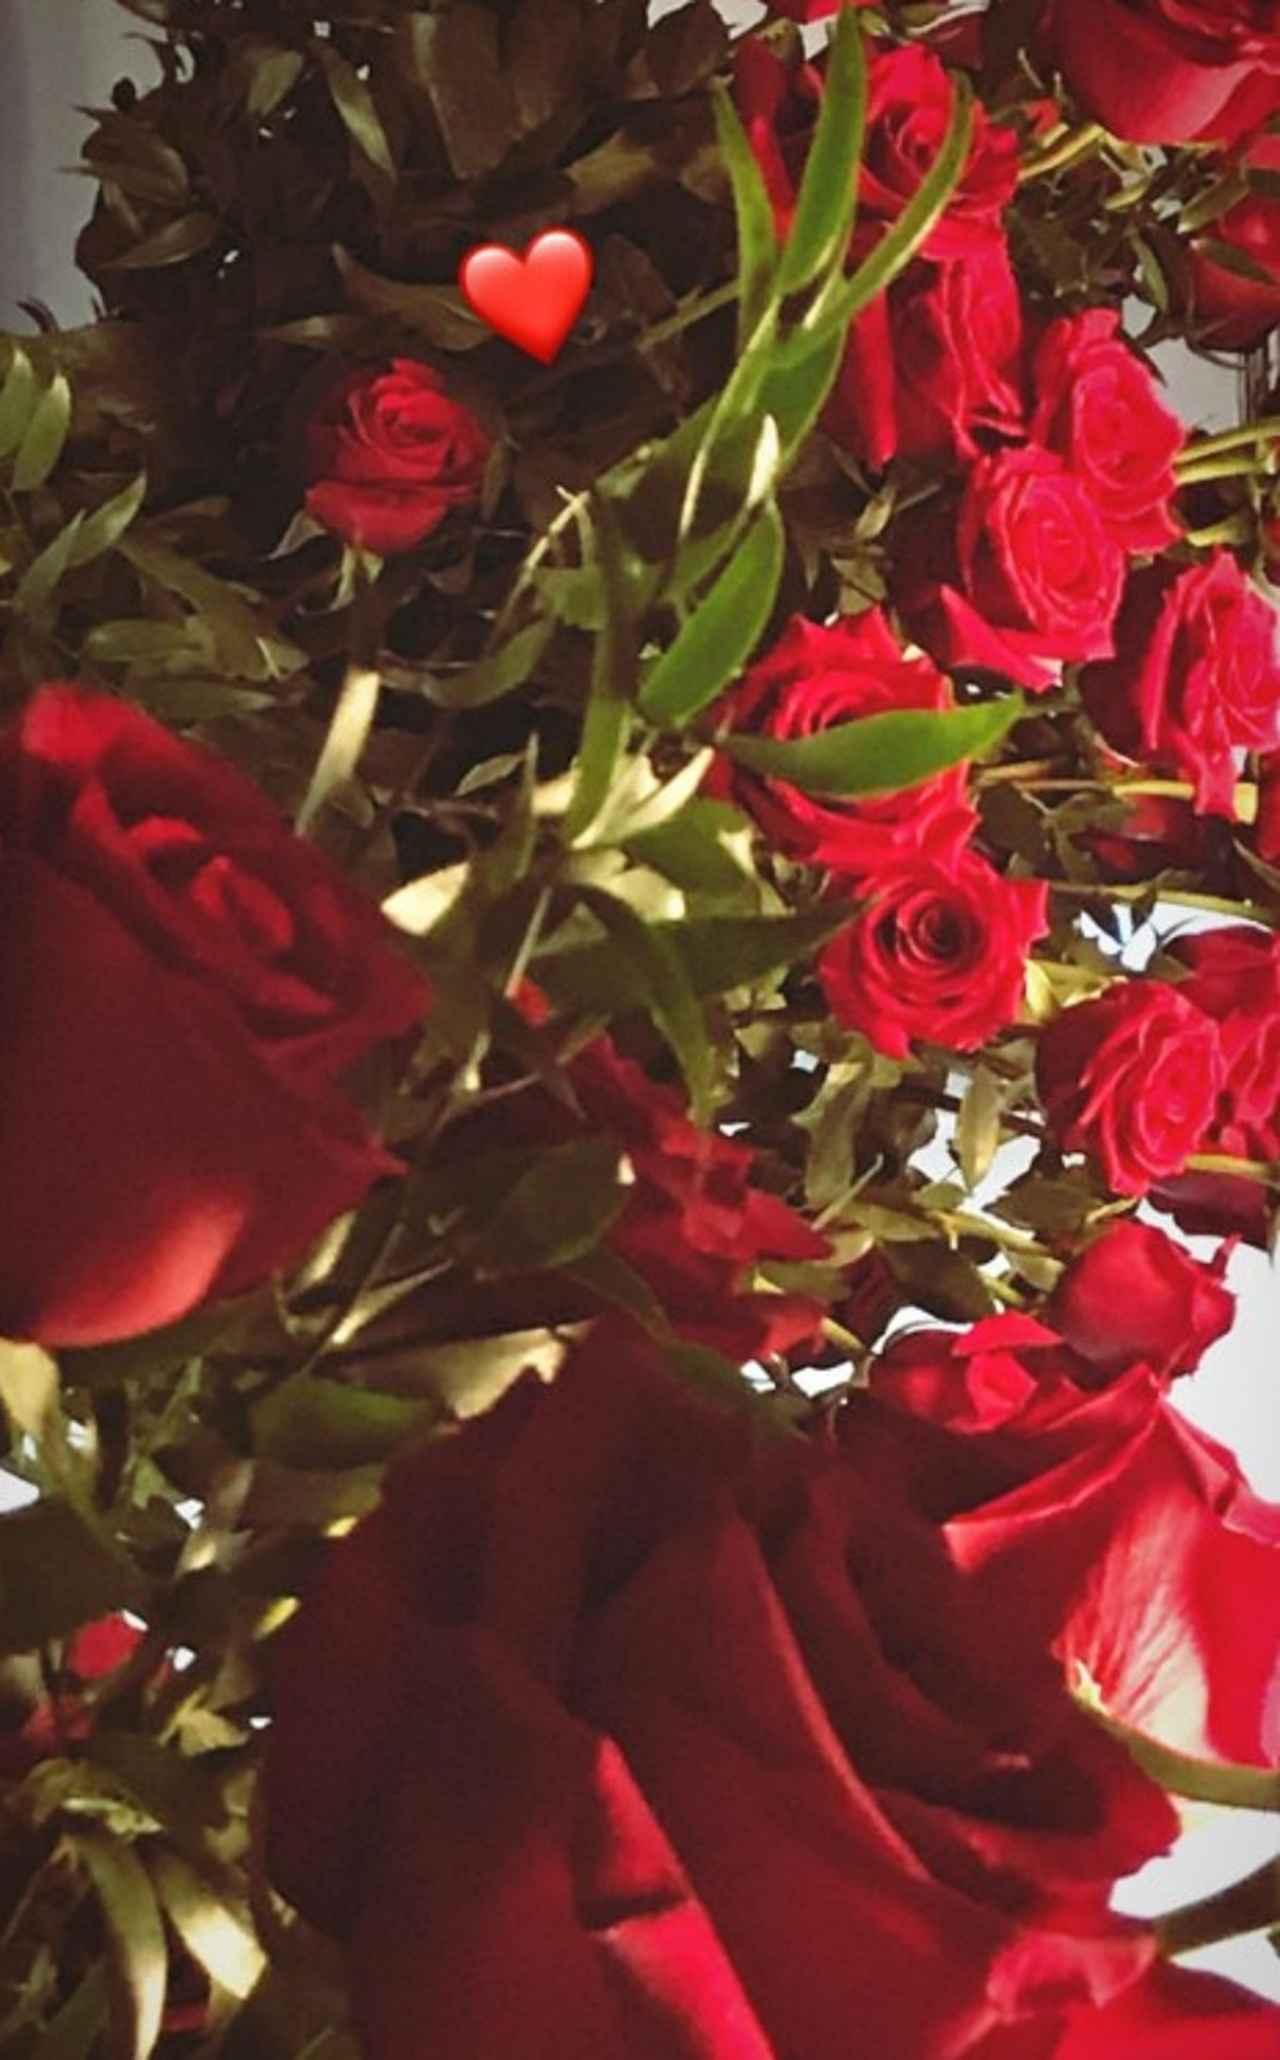 画像: ハート型の絵文字スタンプだけを添えて公開されたバラの花束。©Gigi Hadid/ Instagram